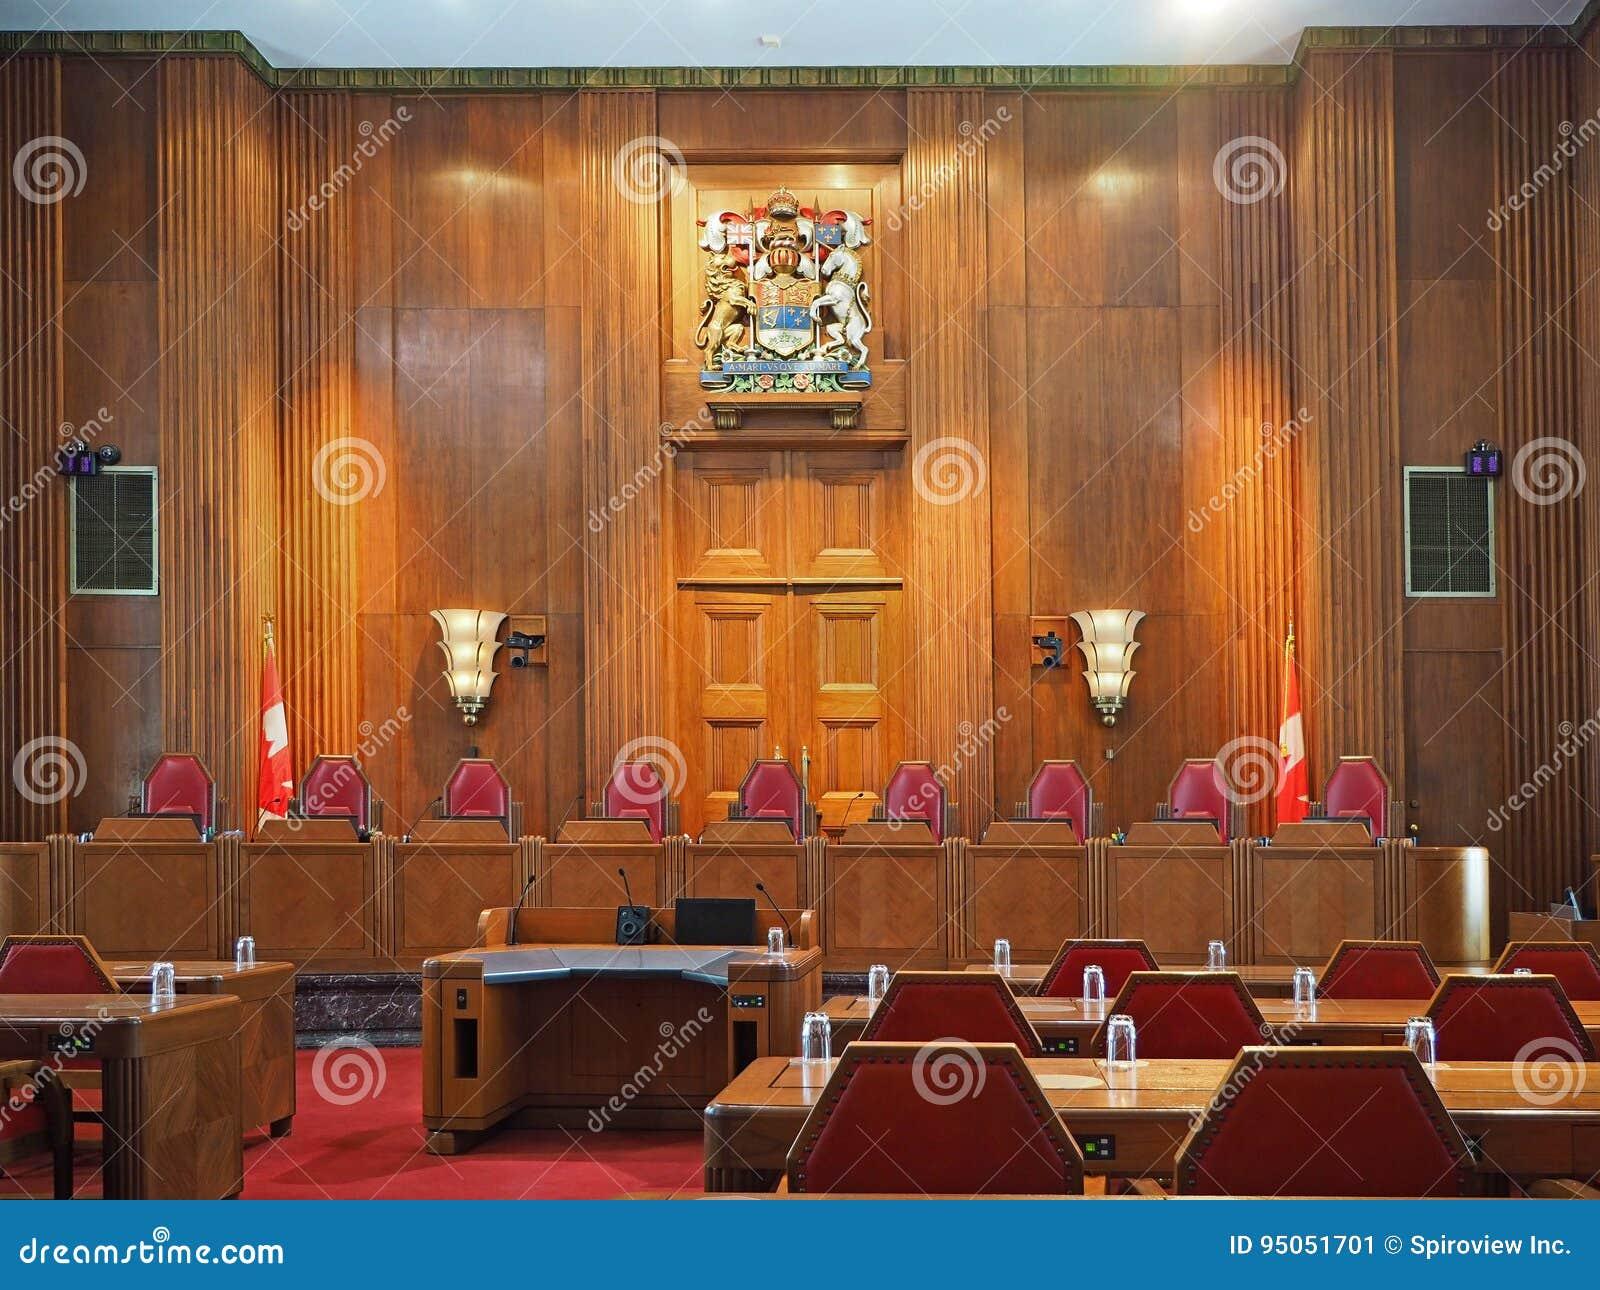 Art Et Decoration Juin 2017 court suprême du canada photo éditorial. image du cour